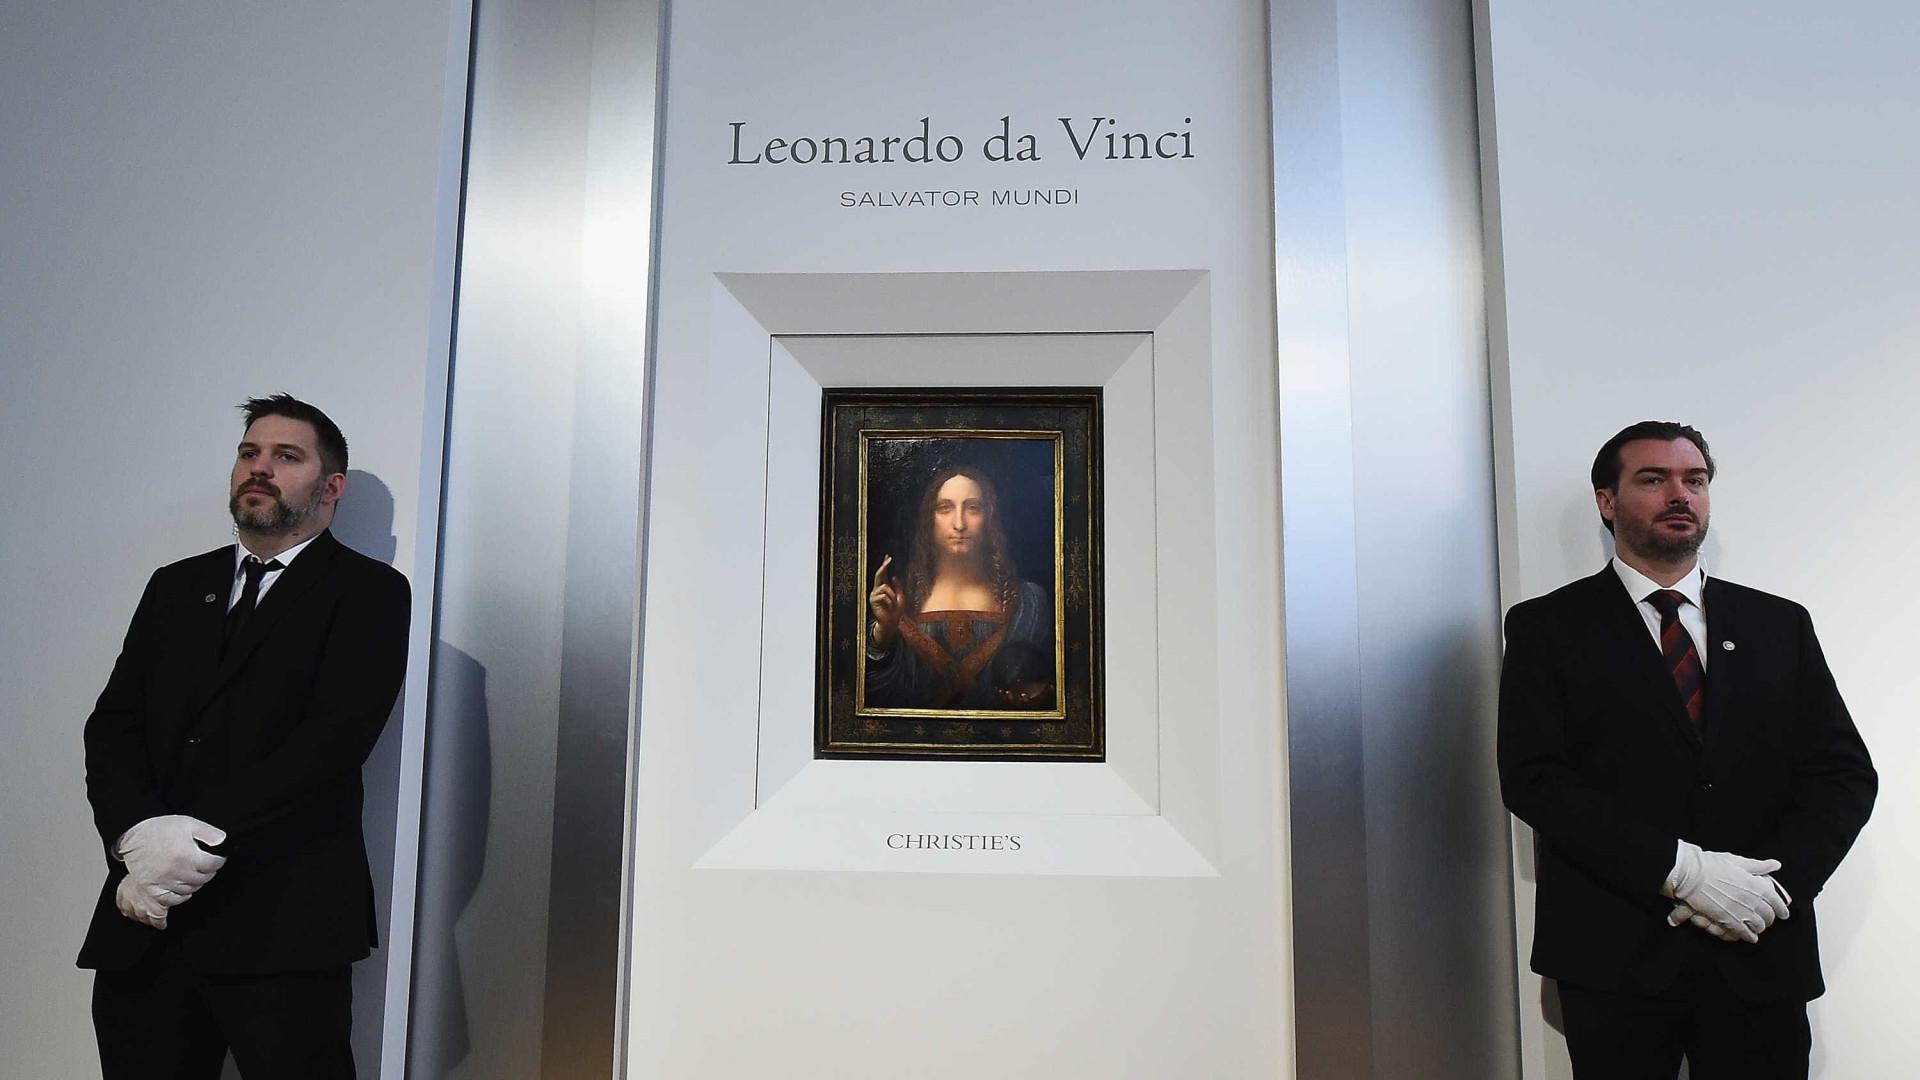 Pintura atribuída a Leonardo da Vinci vai a leilão